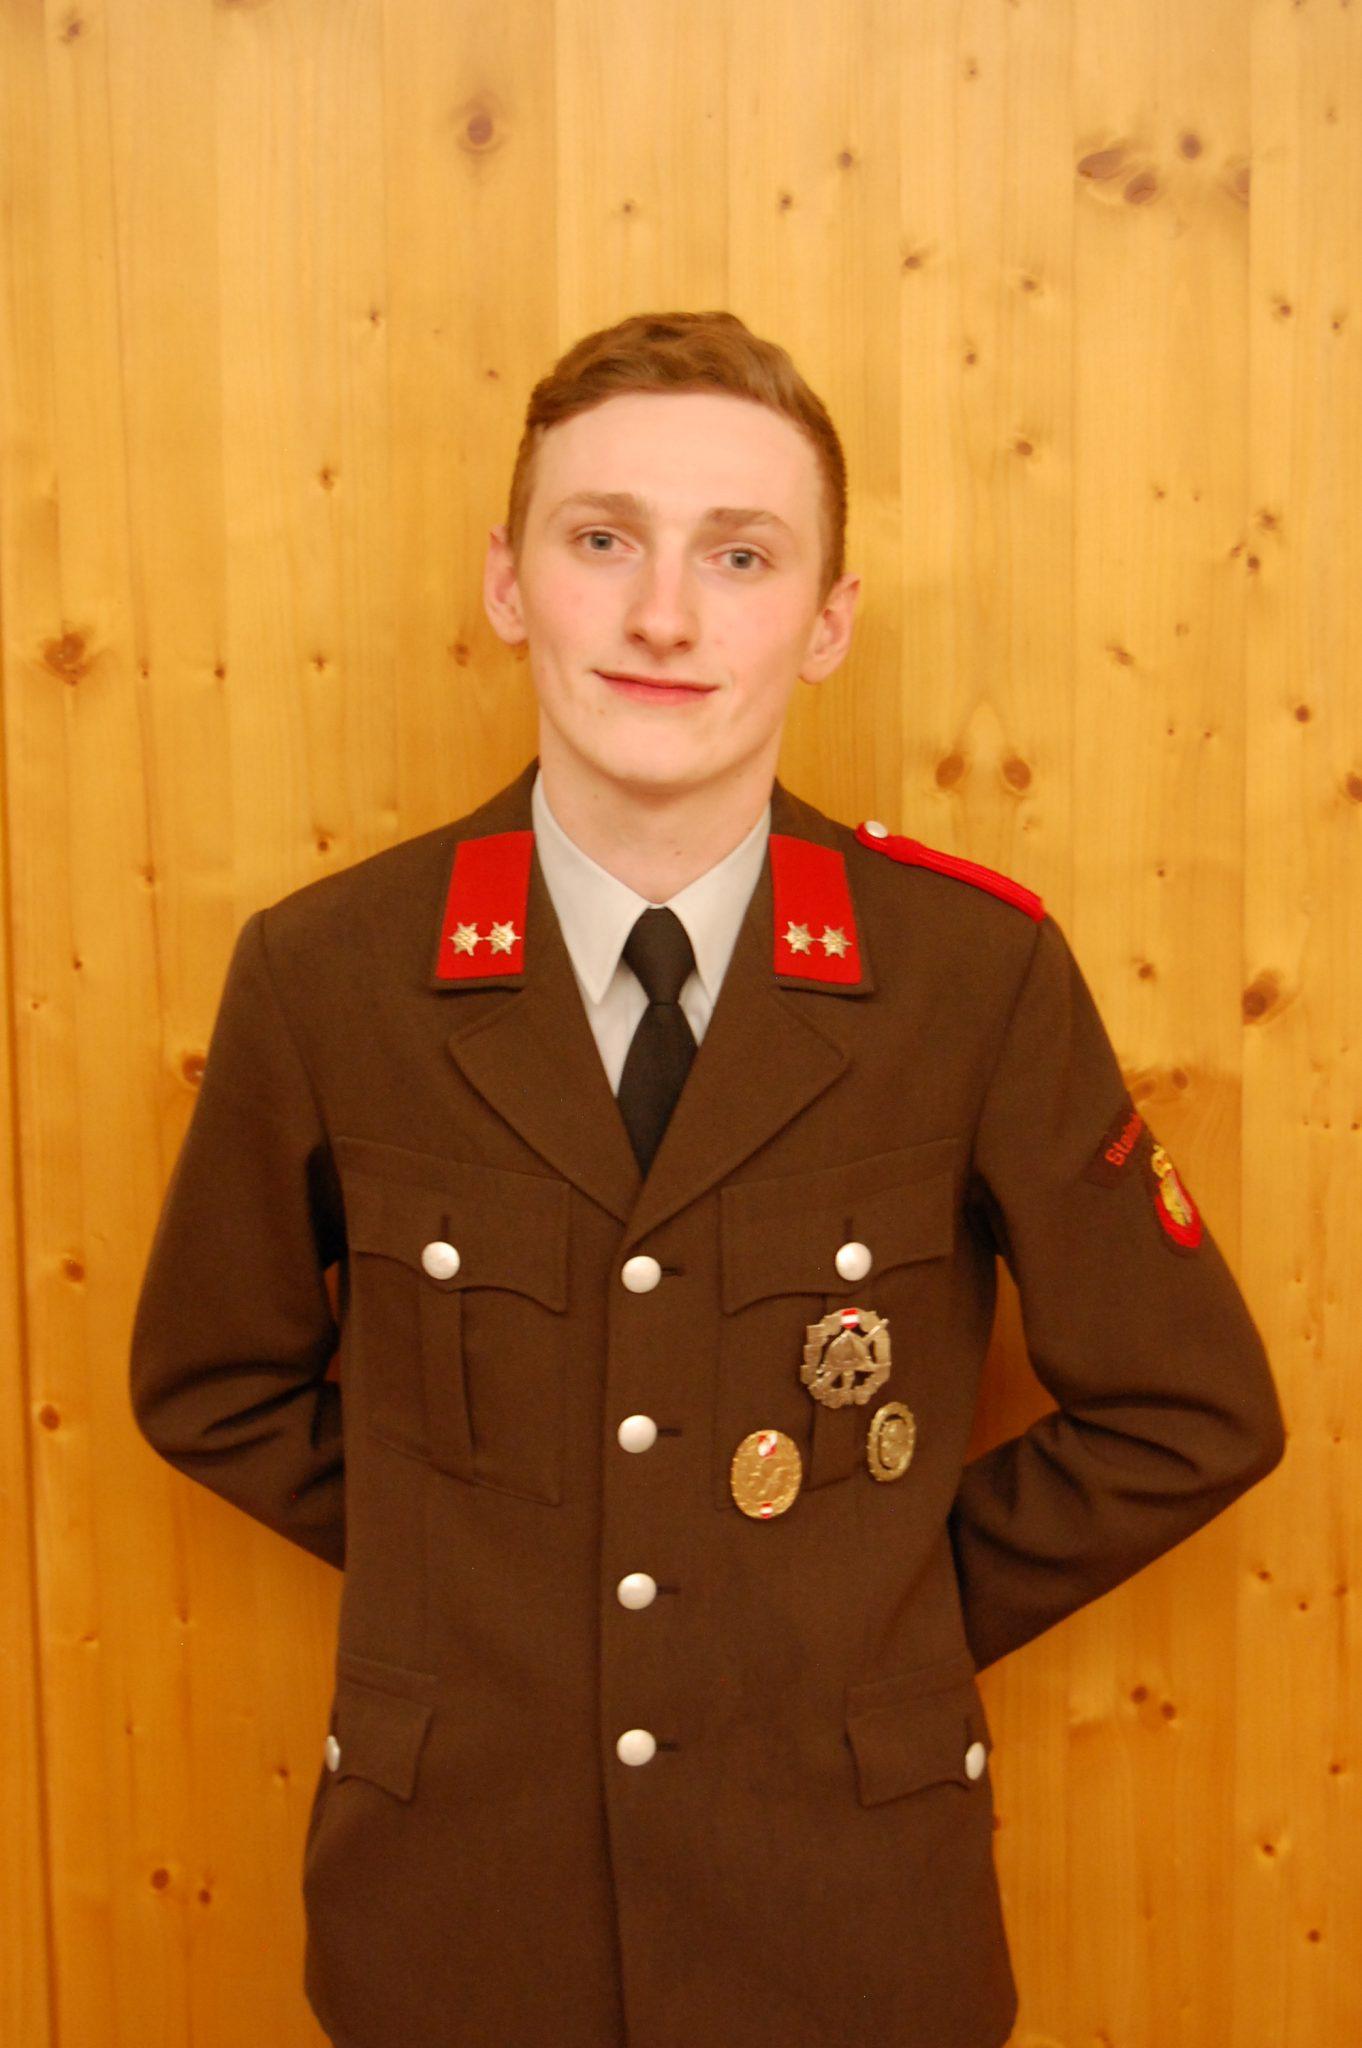 Profilbild von OBI Markus Eigner